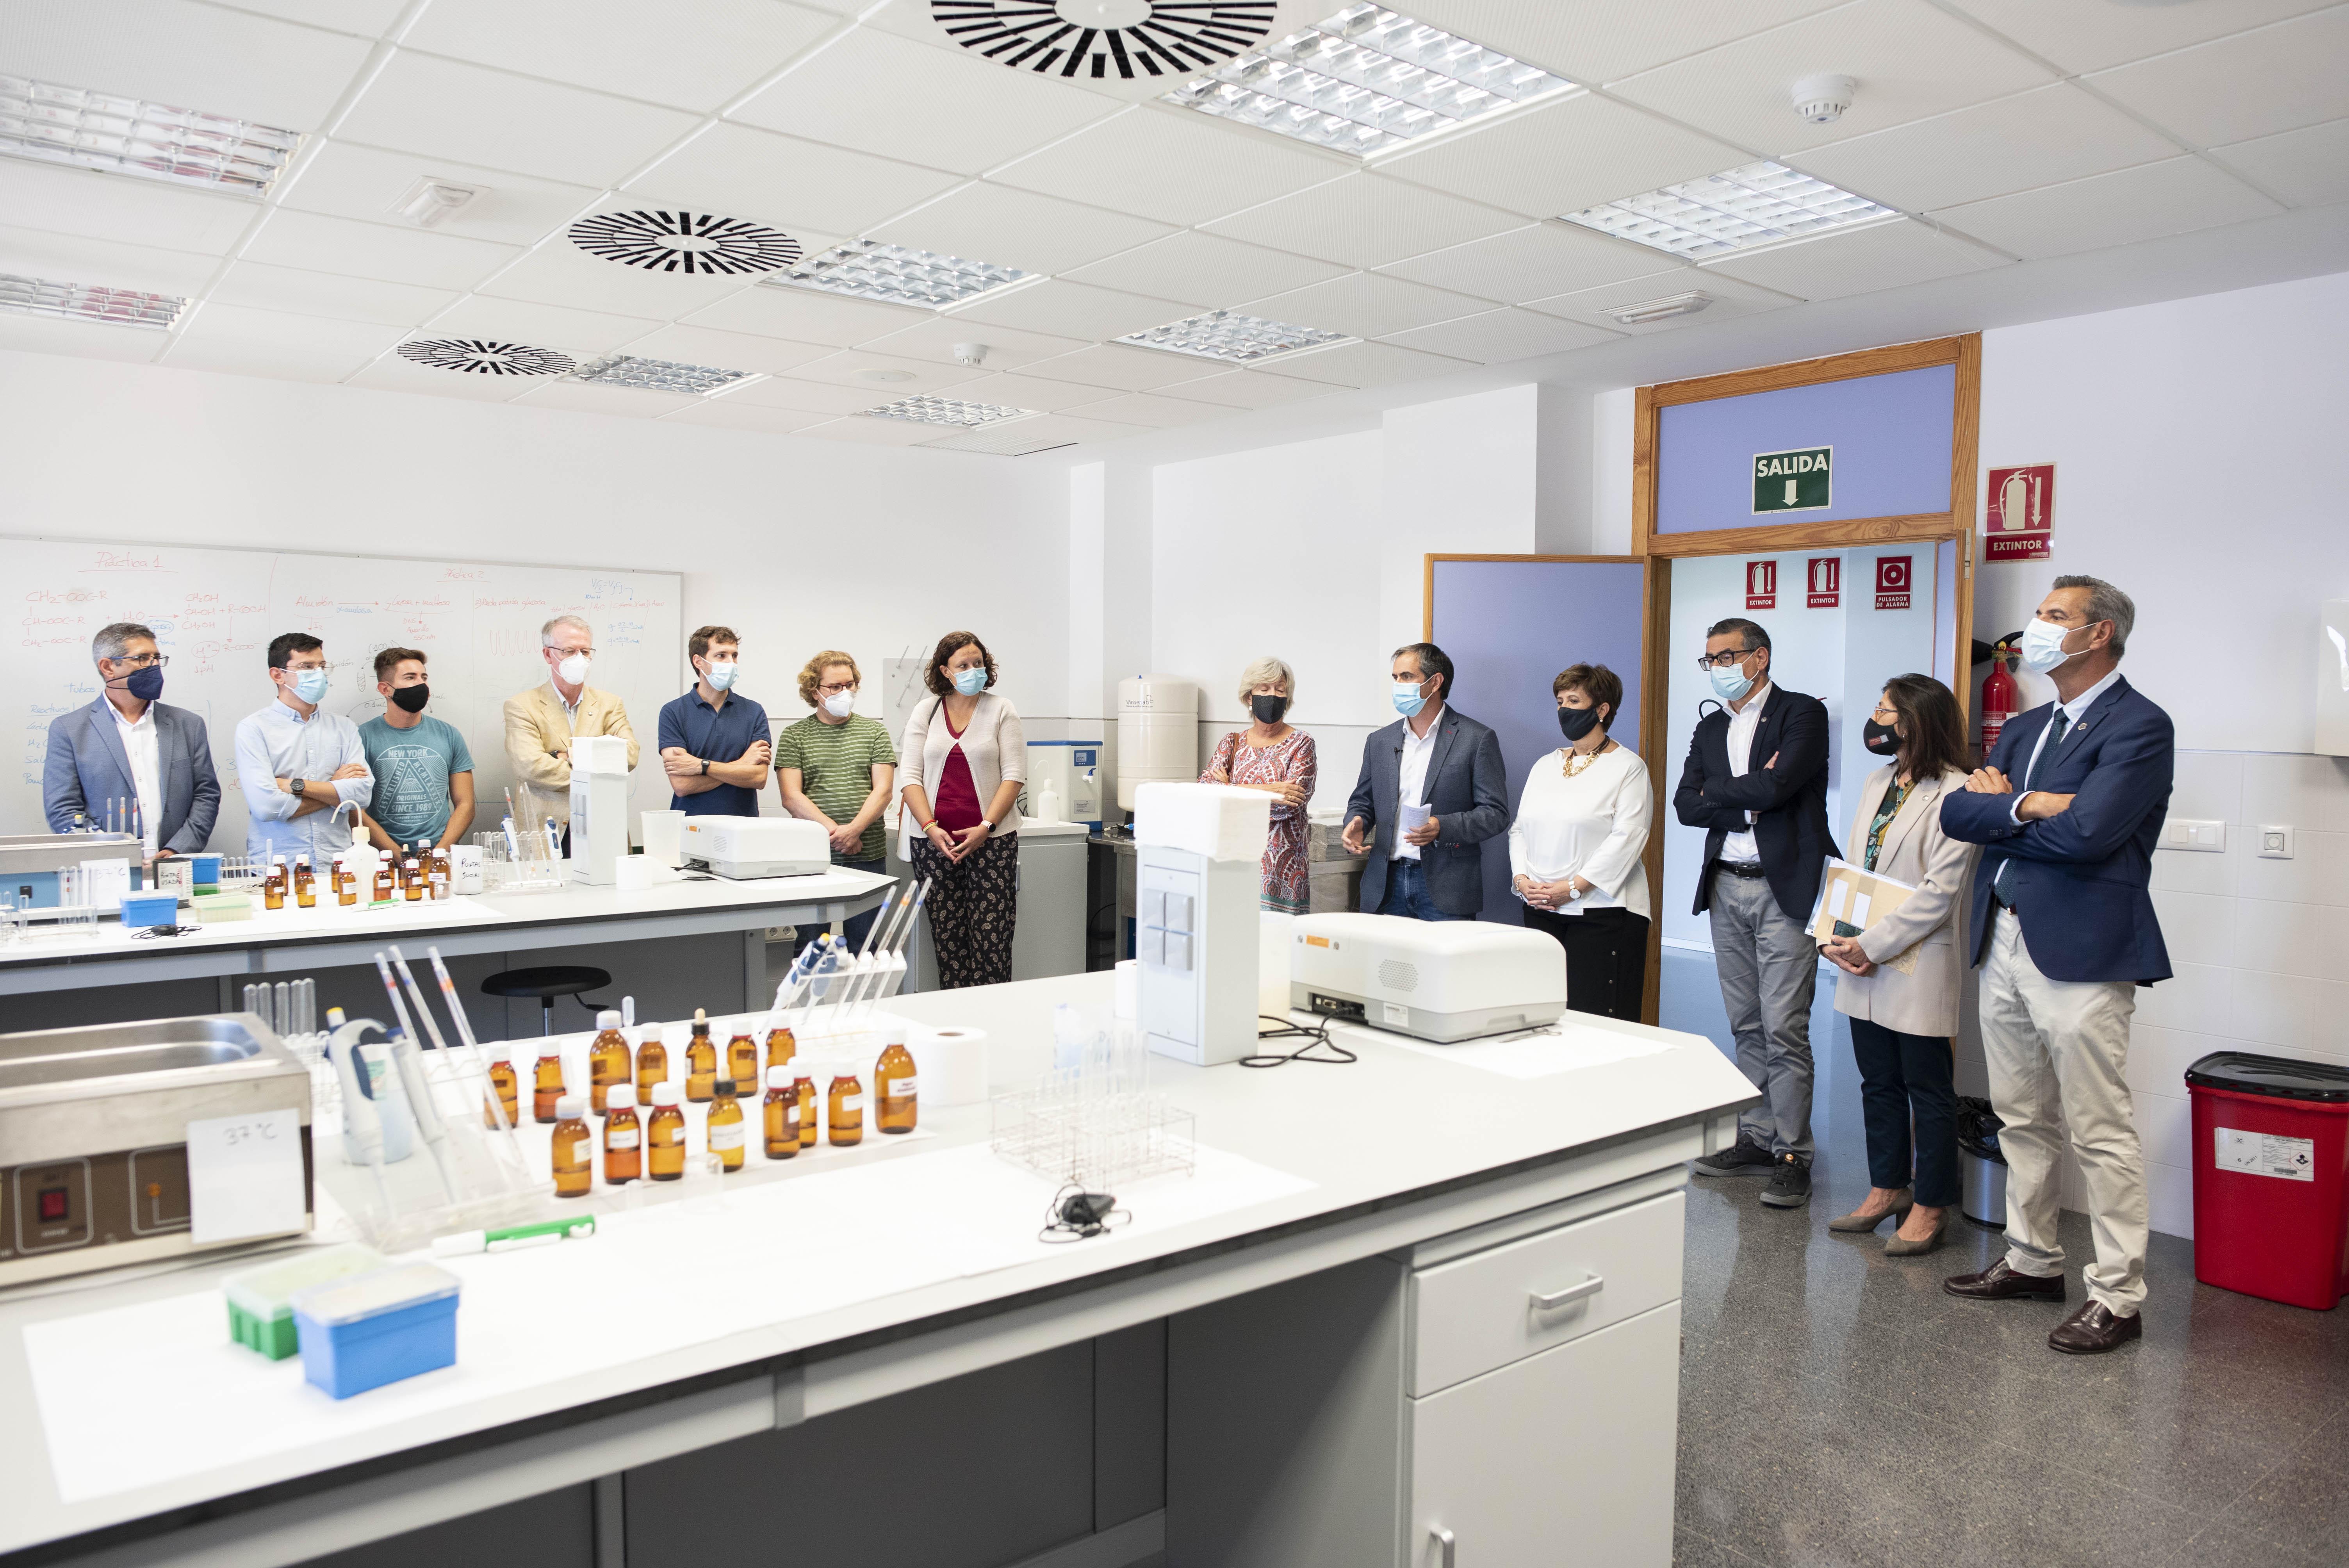 Nuevo laboratorio de Bioquímica, Química y Materiales Ópticos